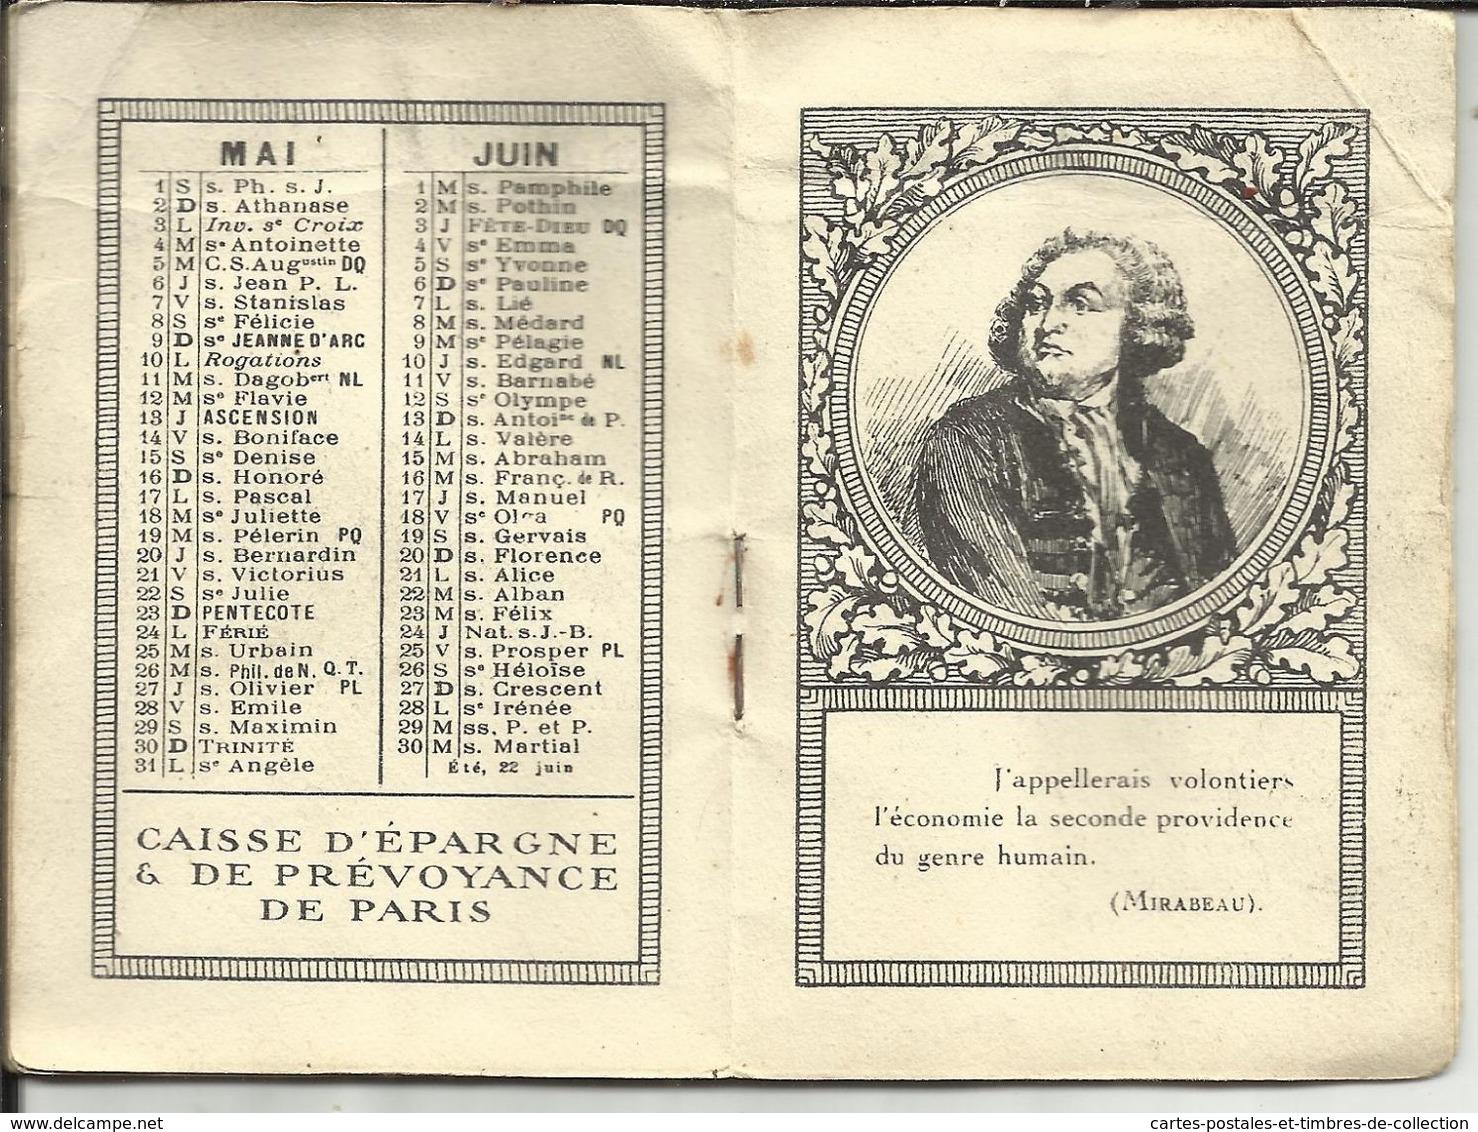 CALENDRIER DE POCHE 1926 , De La CAISSE D'EPARGNE & DE PREVOYANCE DE PARIS - Kalenders